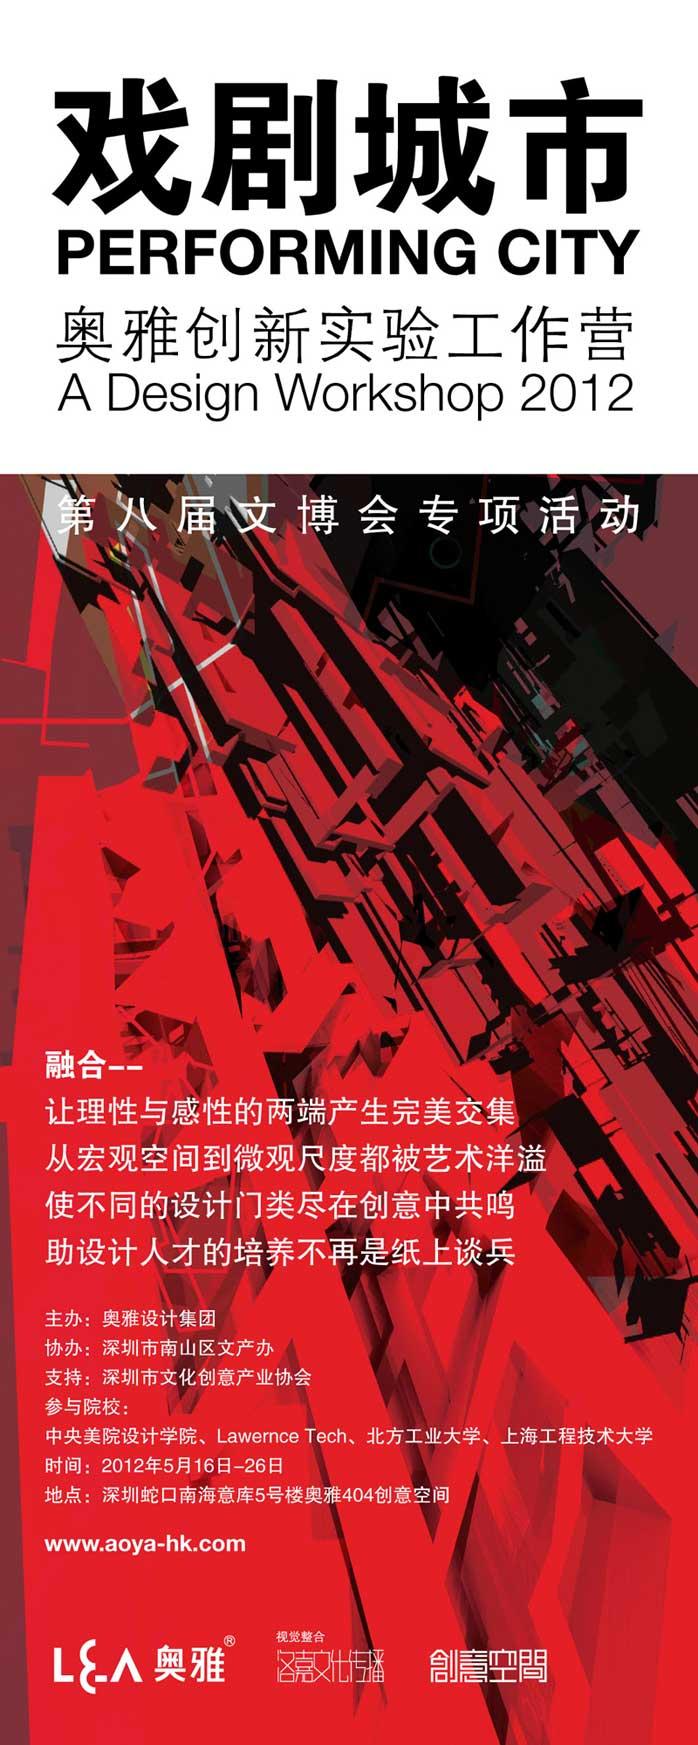 第四届 奥雅公益论坛 · 戏剧城市 · 五月开幕